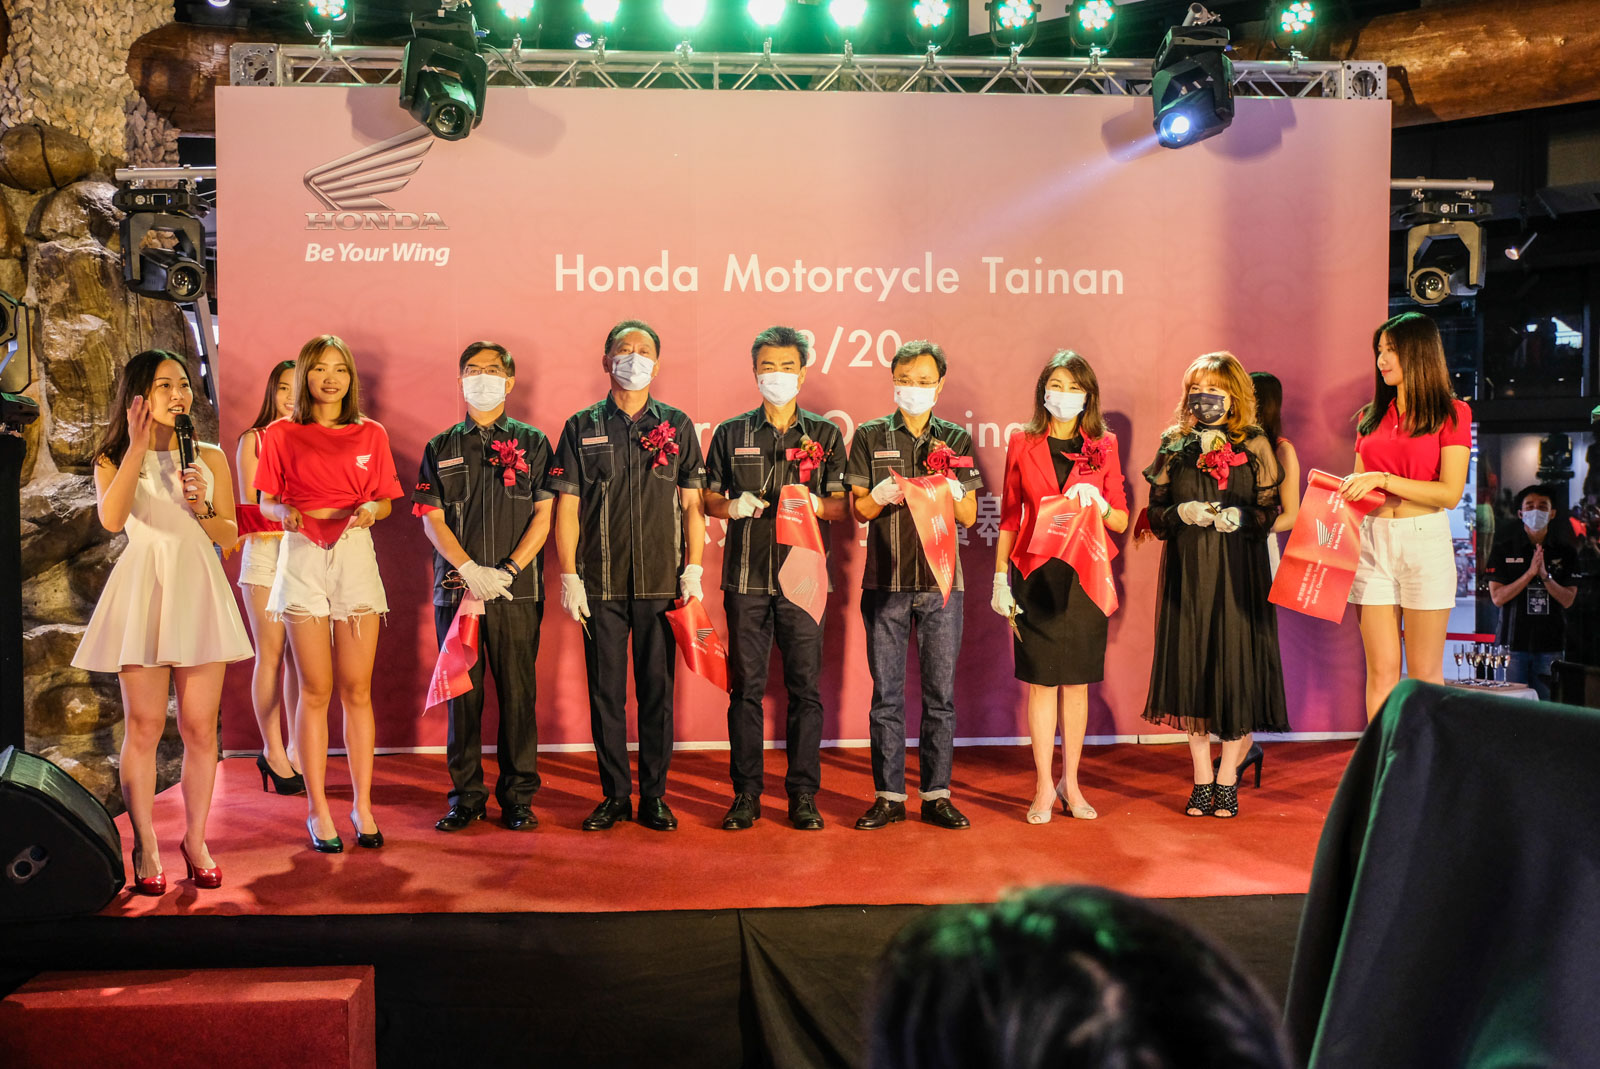 左至右 Honda Taiwan 顧客服務部 張英忠 部長 四輪營業部 暨 二輪事業部 李瑞宏 部長 隆陽汽車股份有限公司 謝建隆董事長 Honda Taiwan 董事長 豐田 誠.jpg